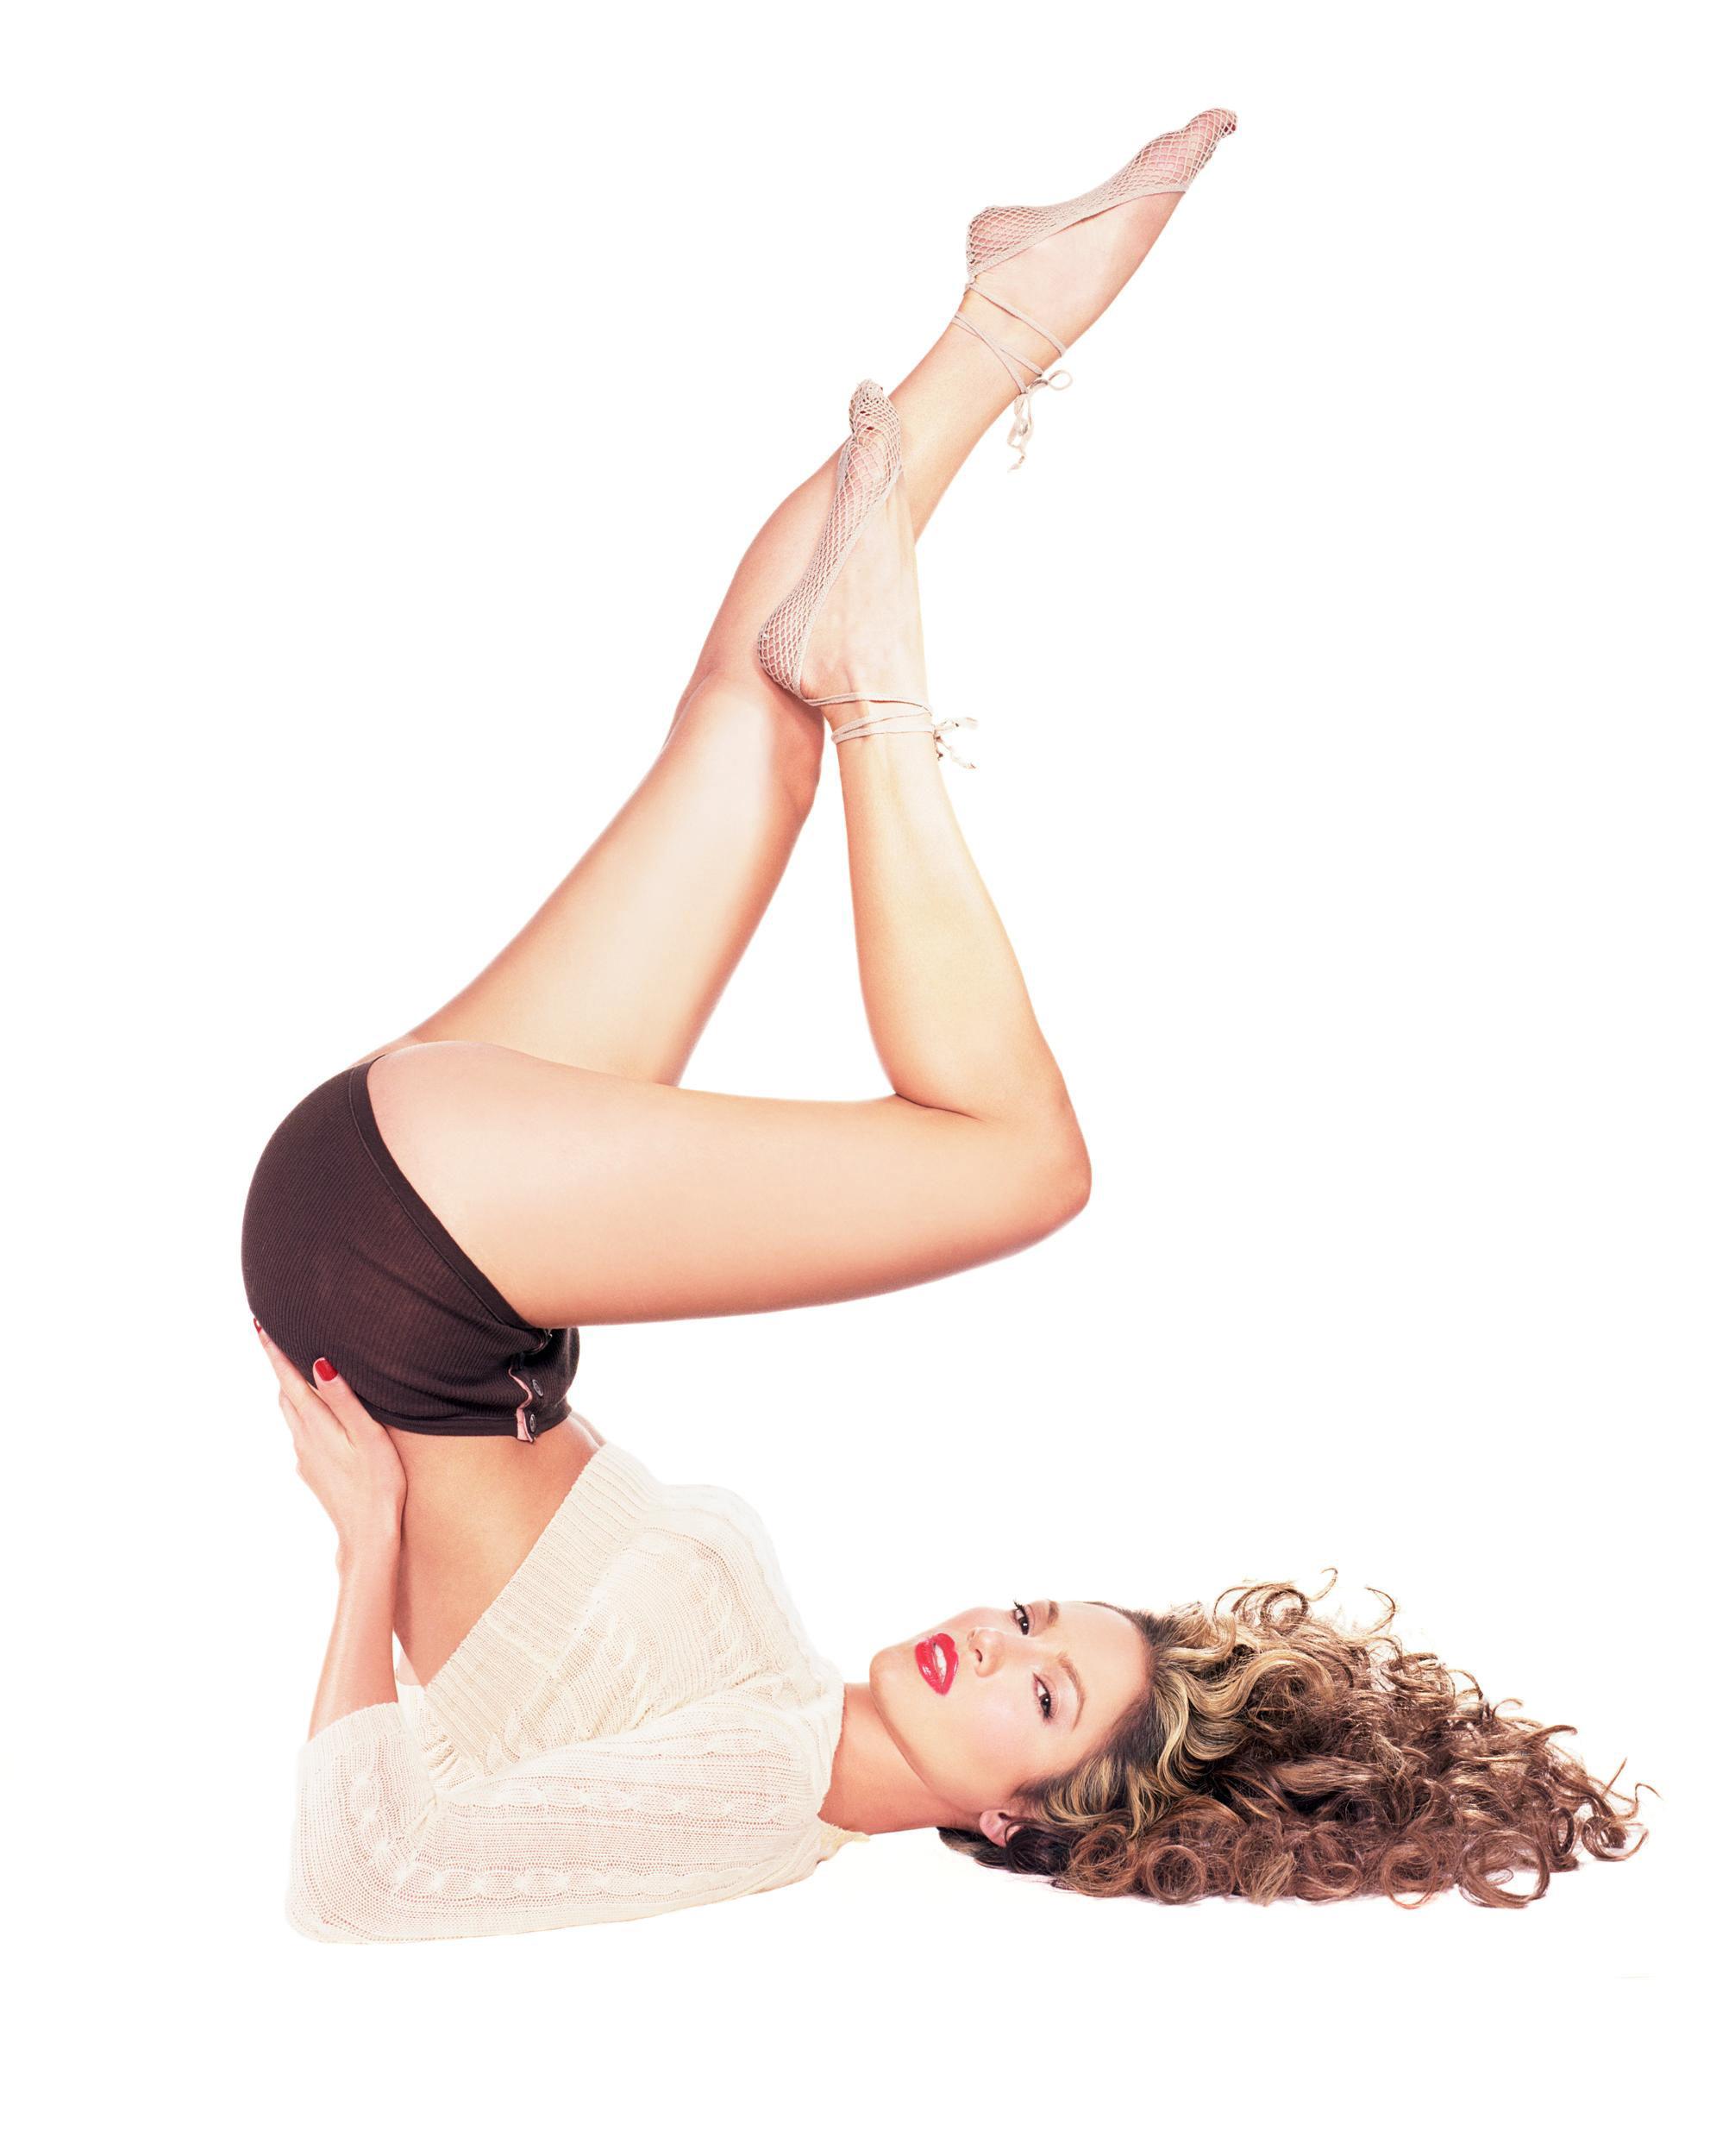 Фото гимнасток нога вверх 1 фотография